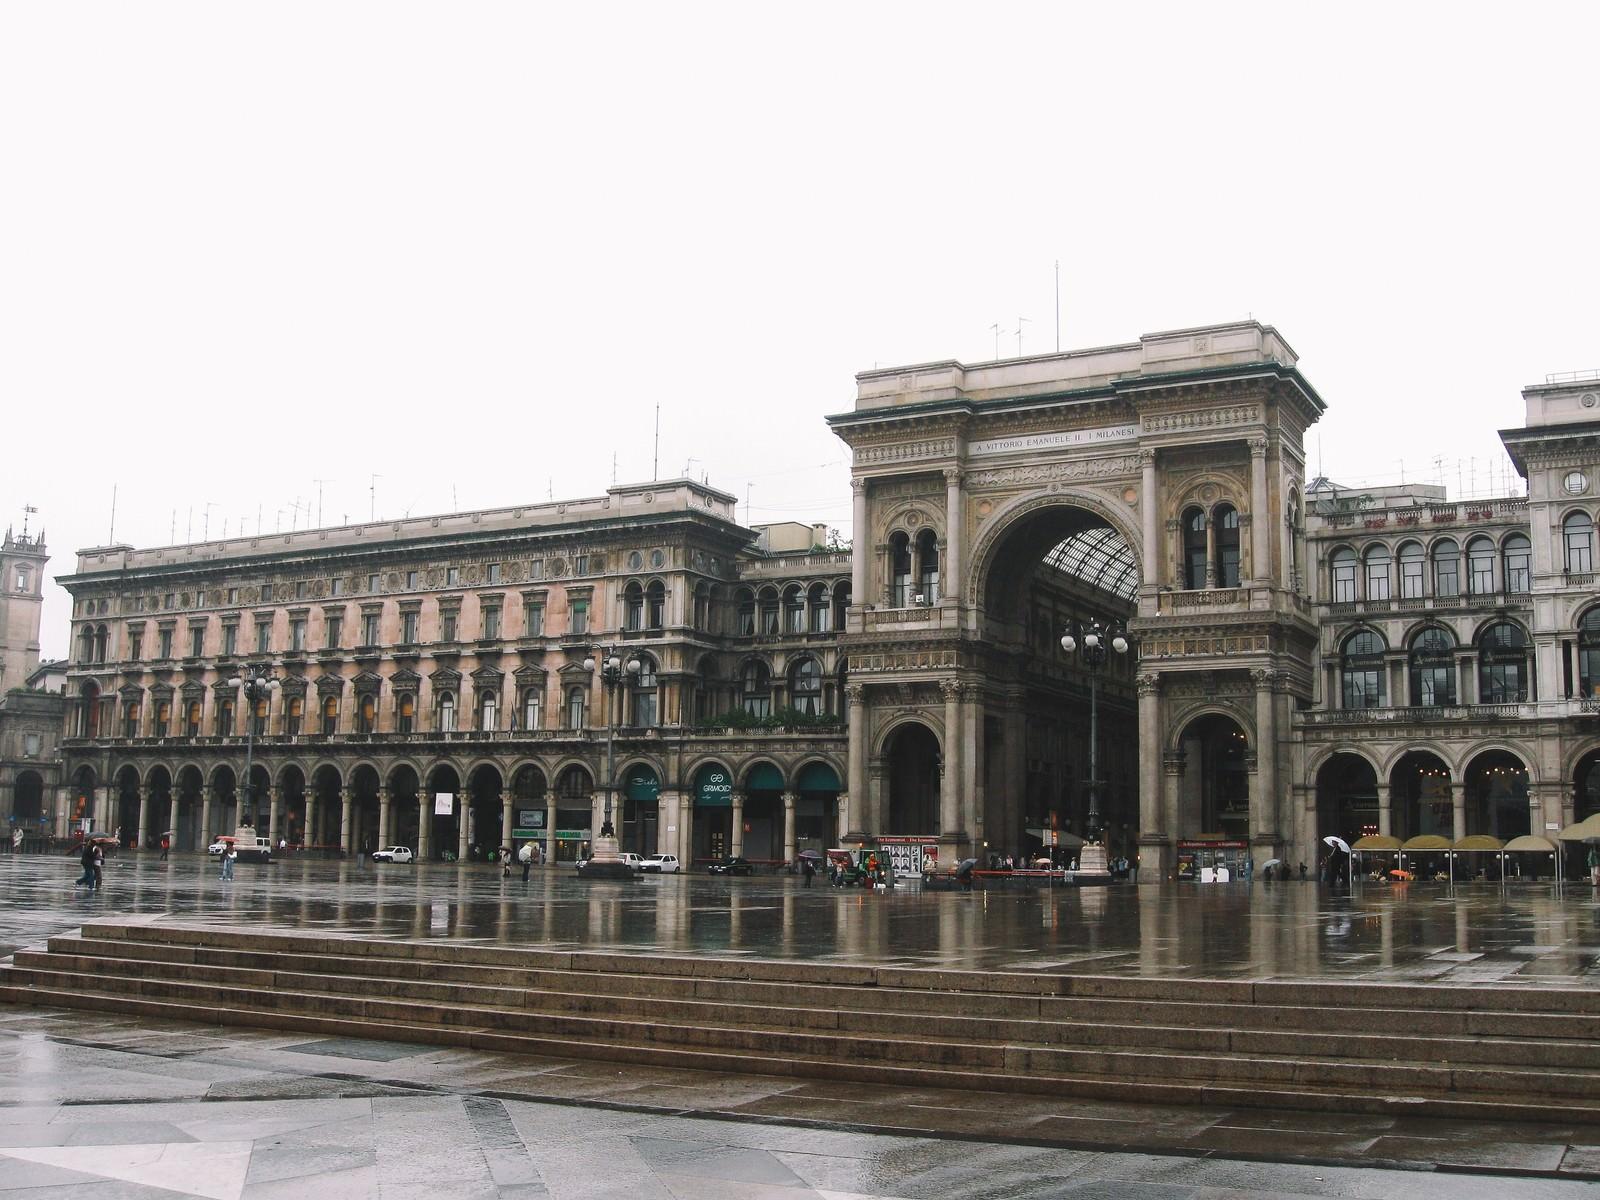 「ミラノのアーケード街の入り口広場(イタリア)」の写真